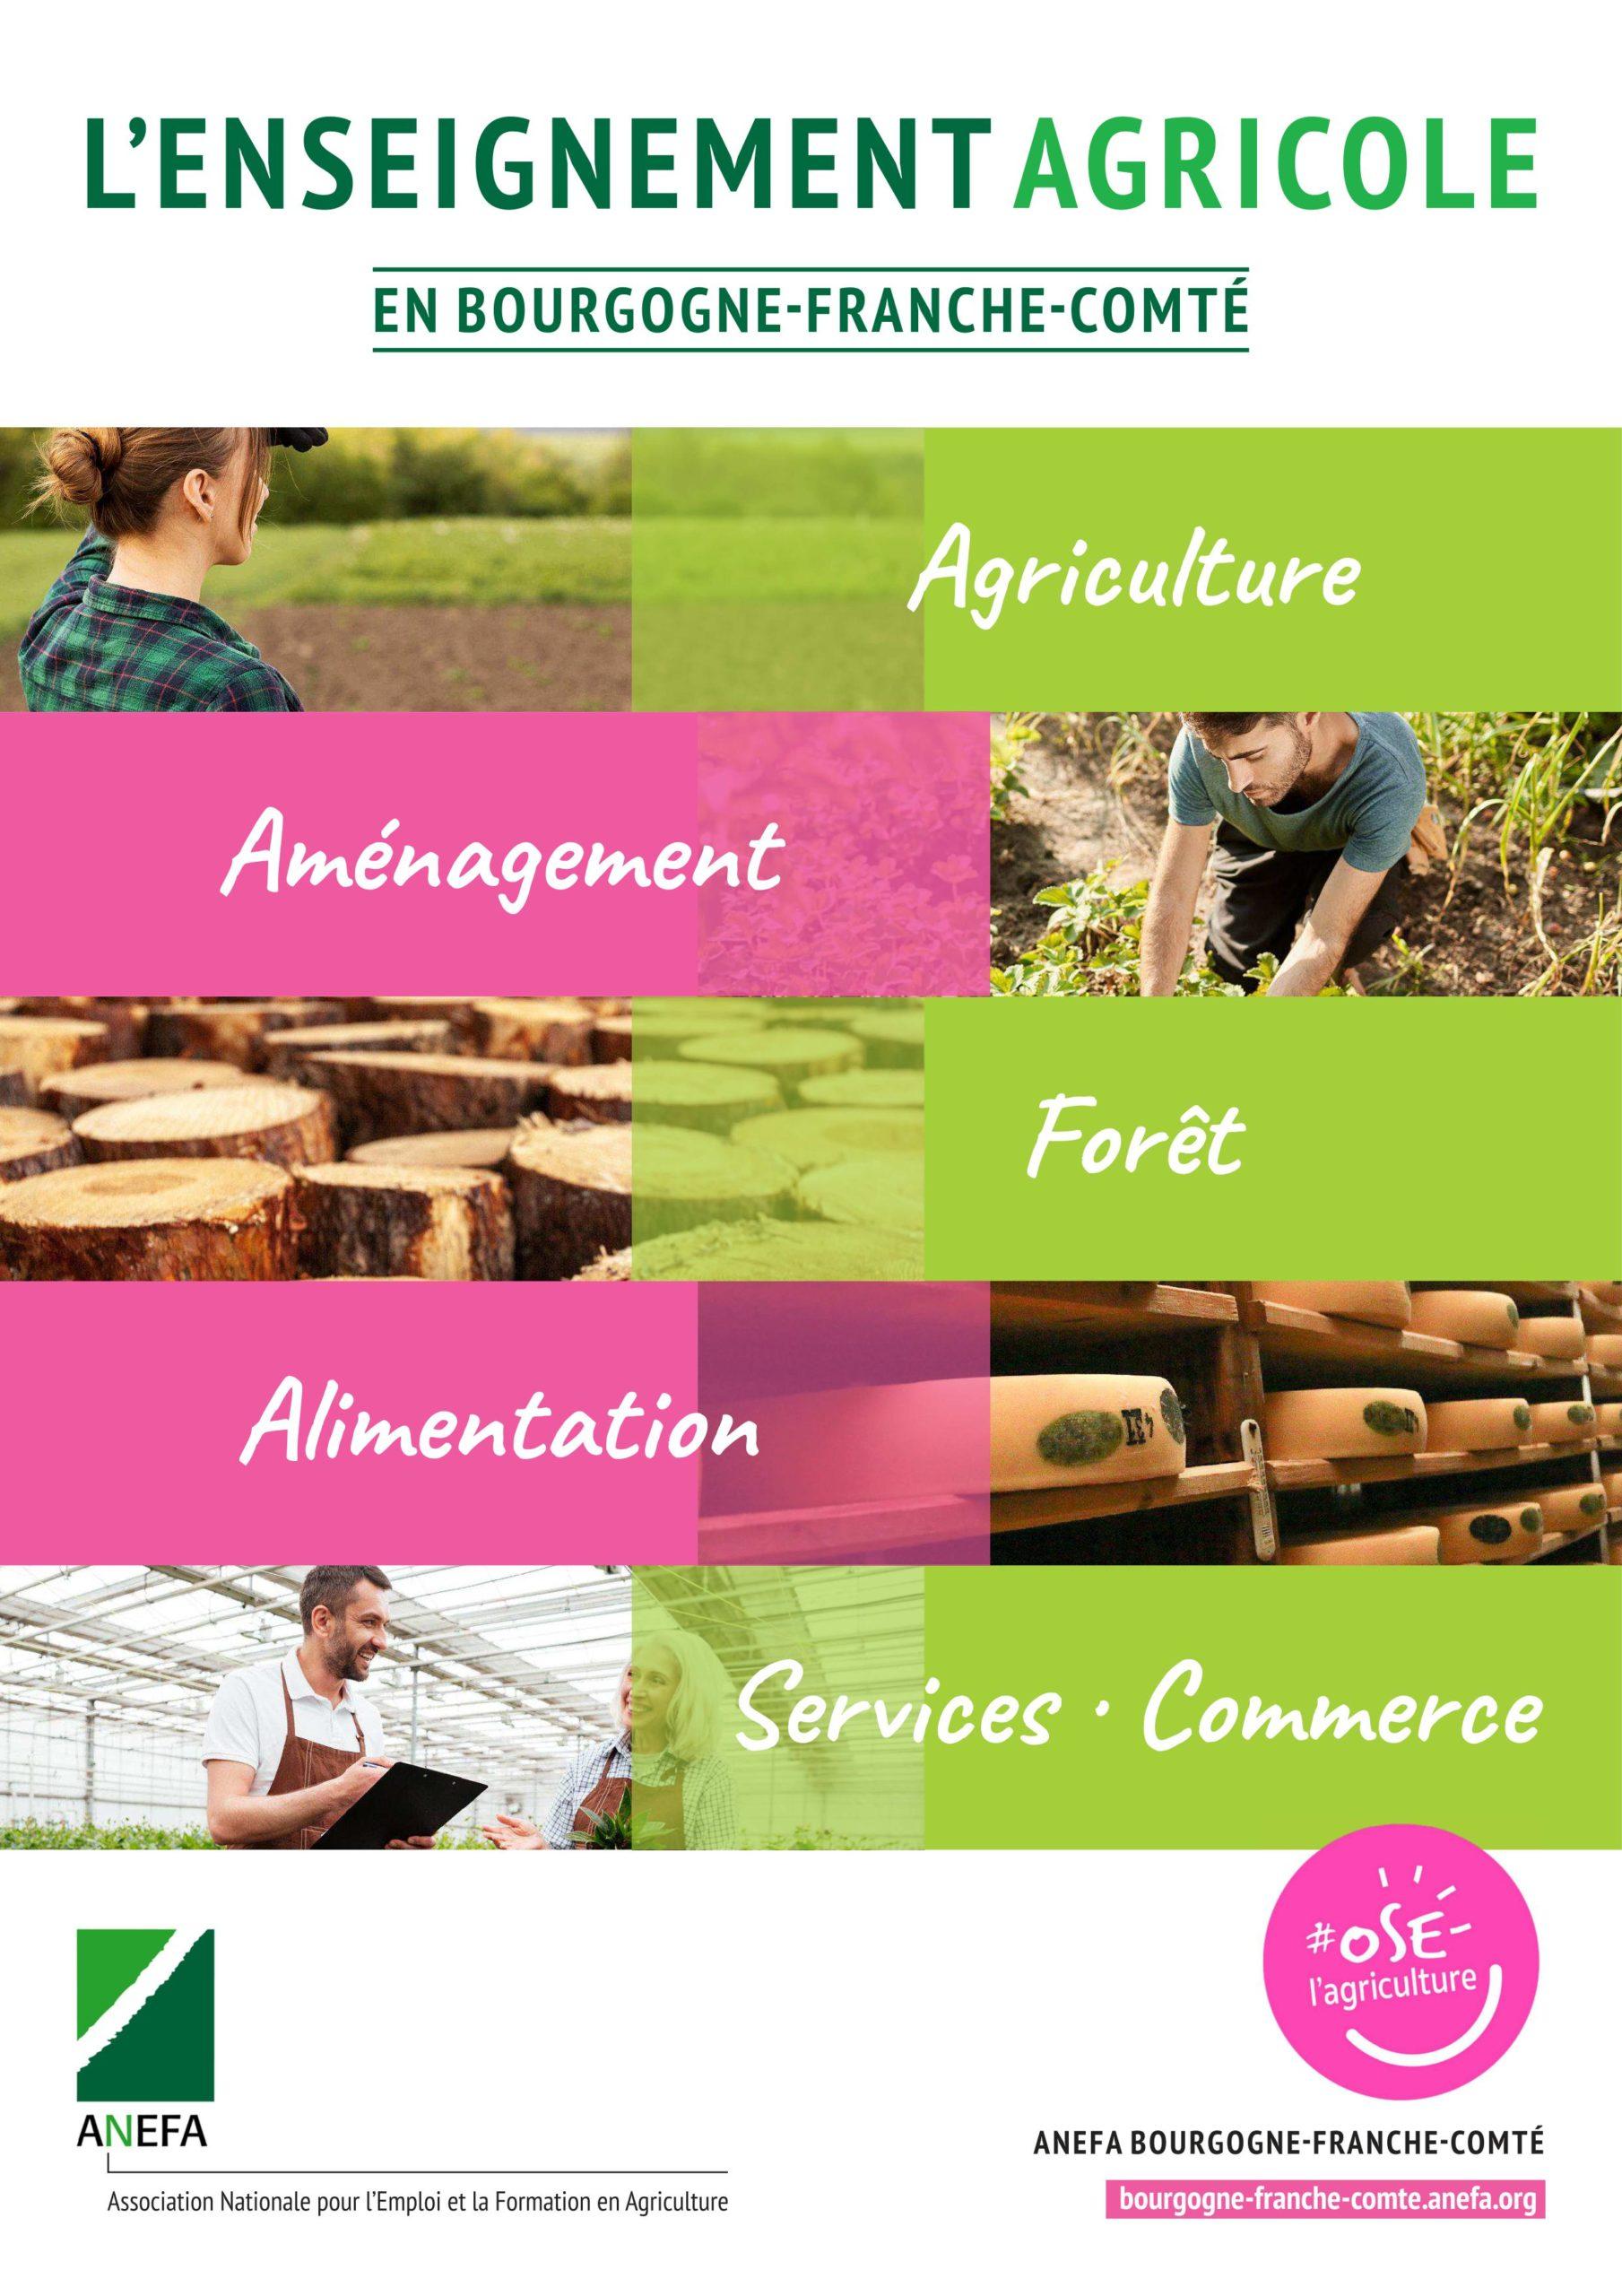 Plaquette des formations de l'enseignement agricole de Bourgogne-Franche-Comté